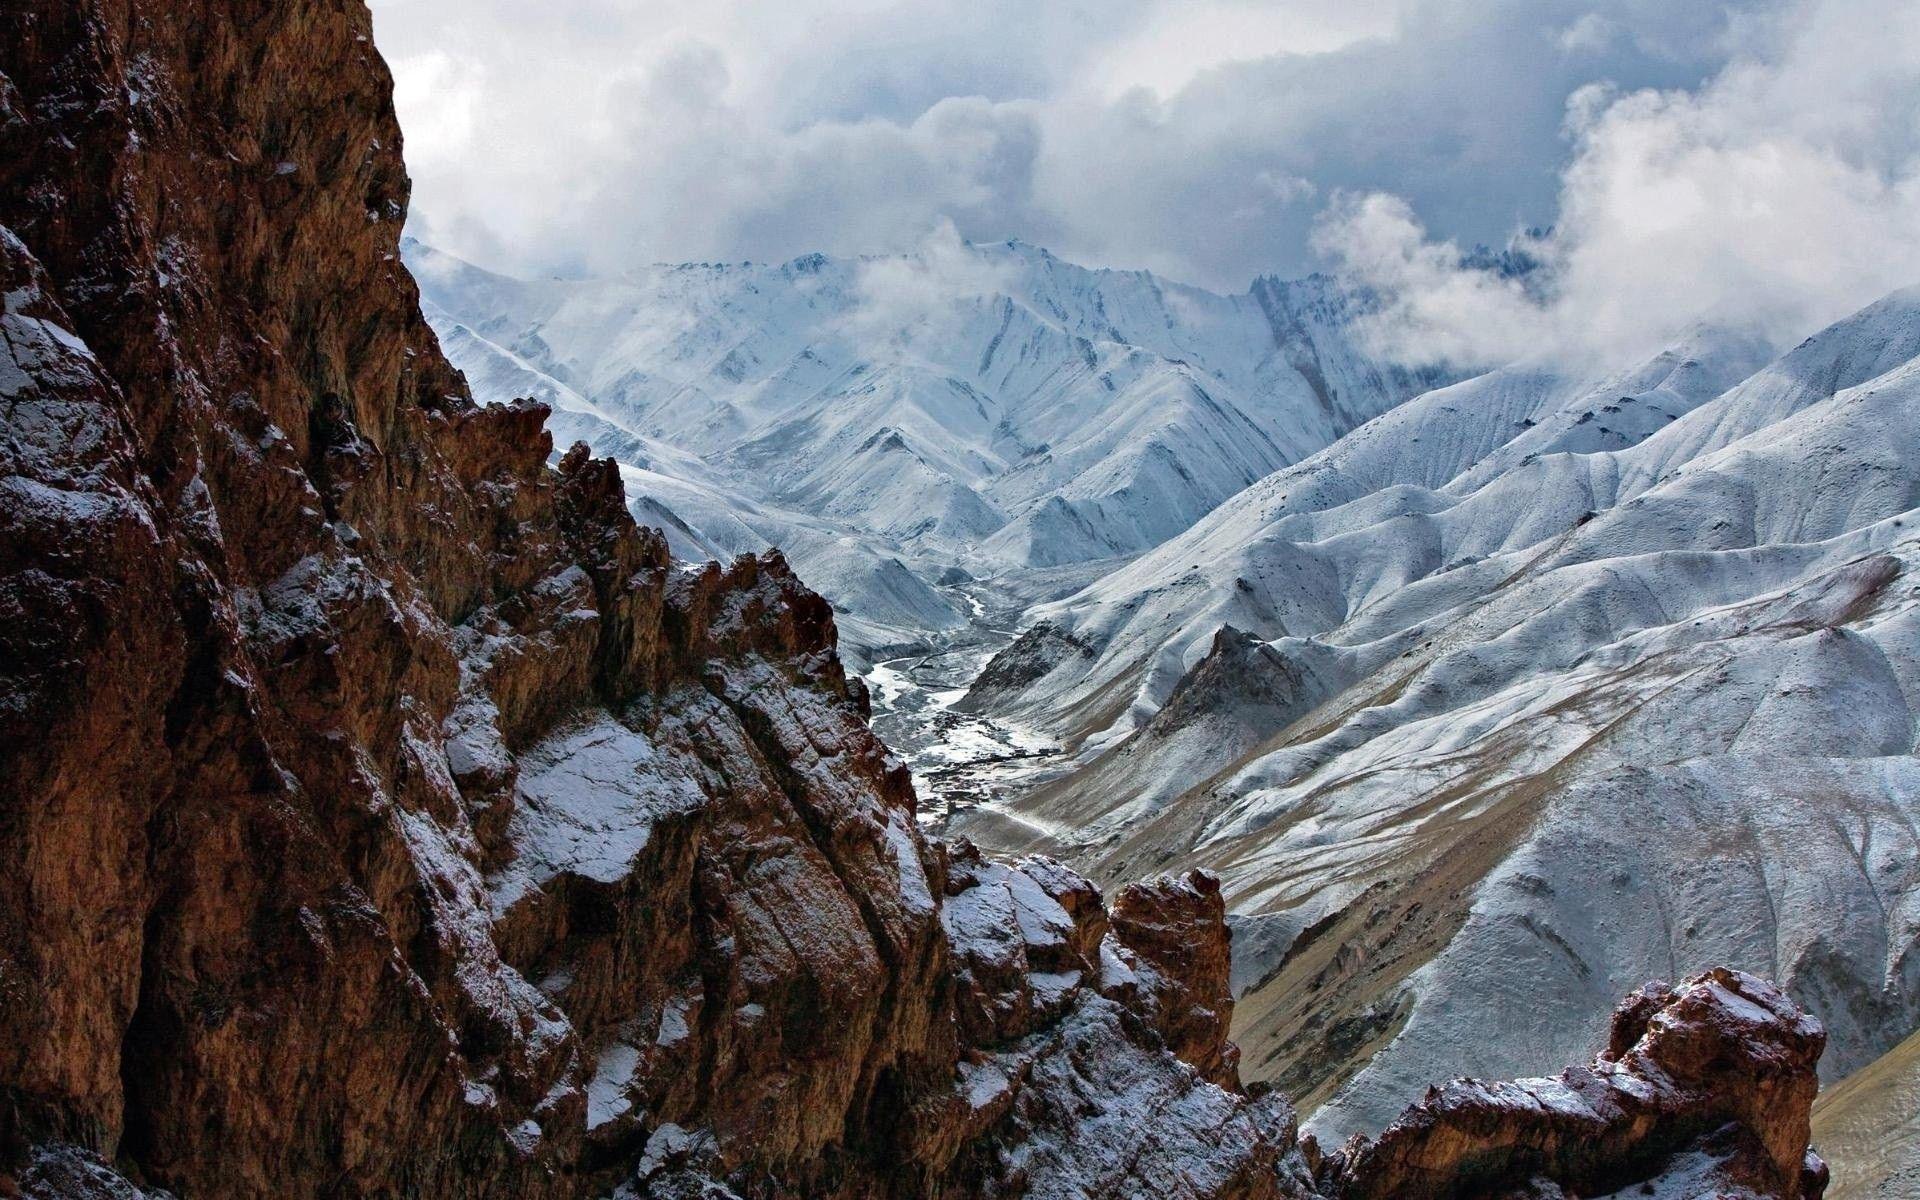 Ảnh HD về núi 1920x1200.  Tải xuống hình ảnh hình nền các nhà ga trên đồi